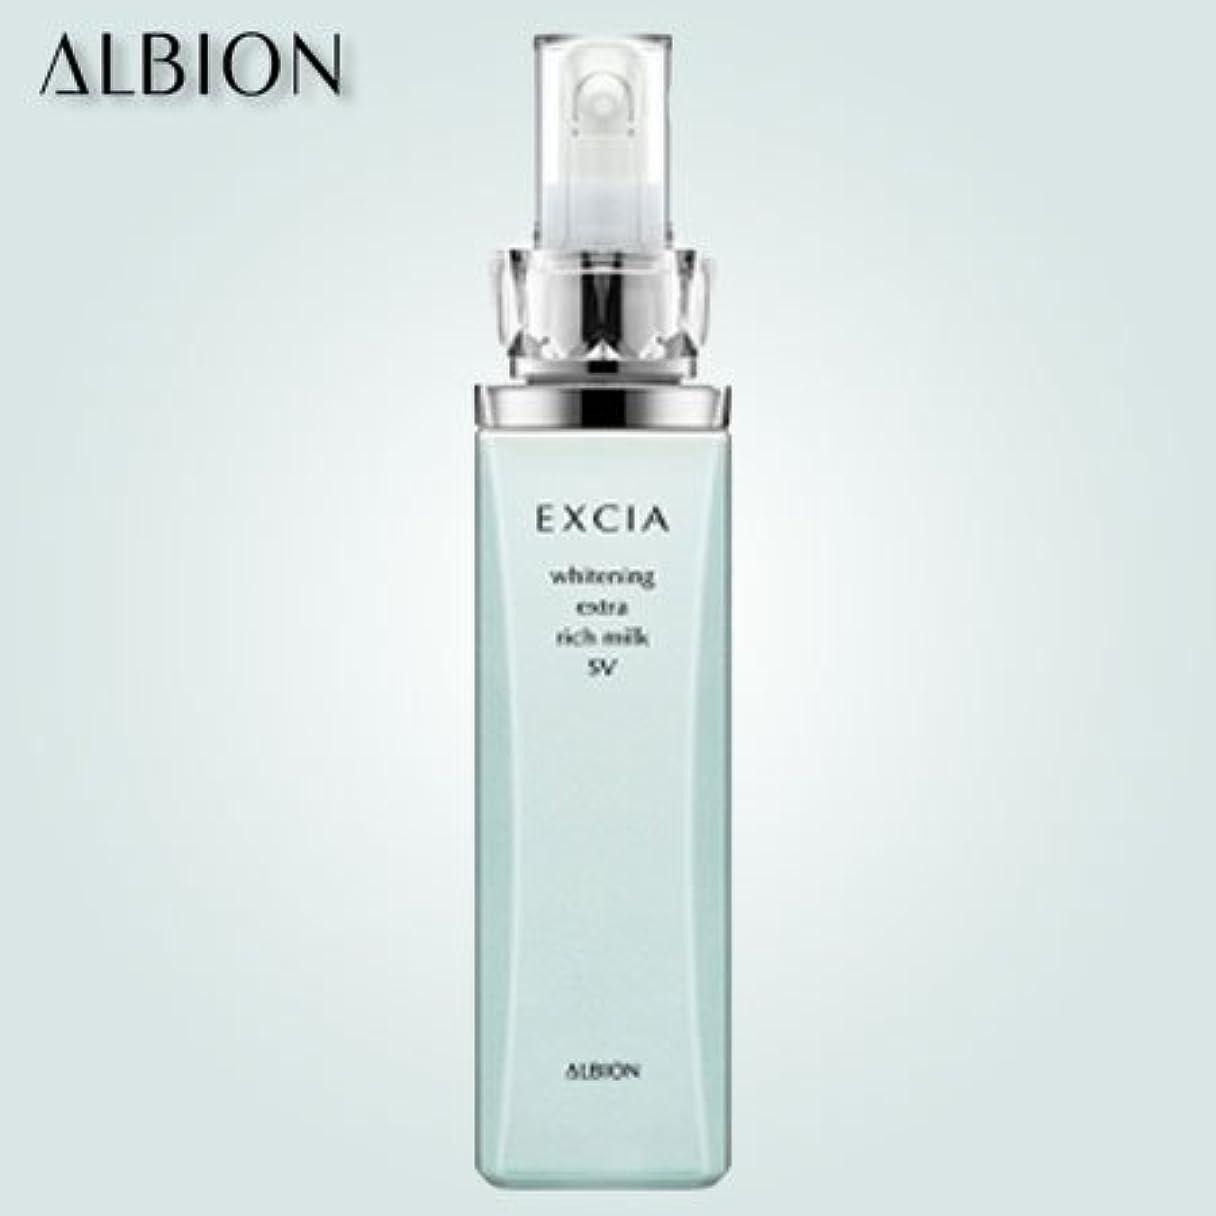 バイソン不健康オリエンタルアルビオン エクシアAL ホワイトニング エクストラリッチミルク SV(ノーマル~ドライスキン用)200g-ALBION-